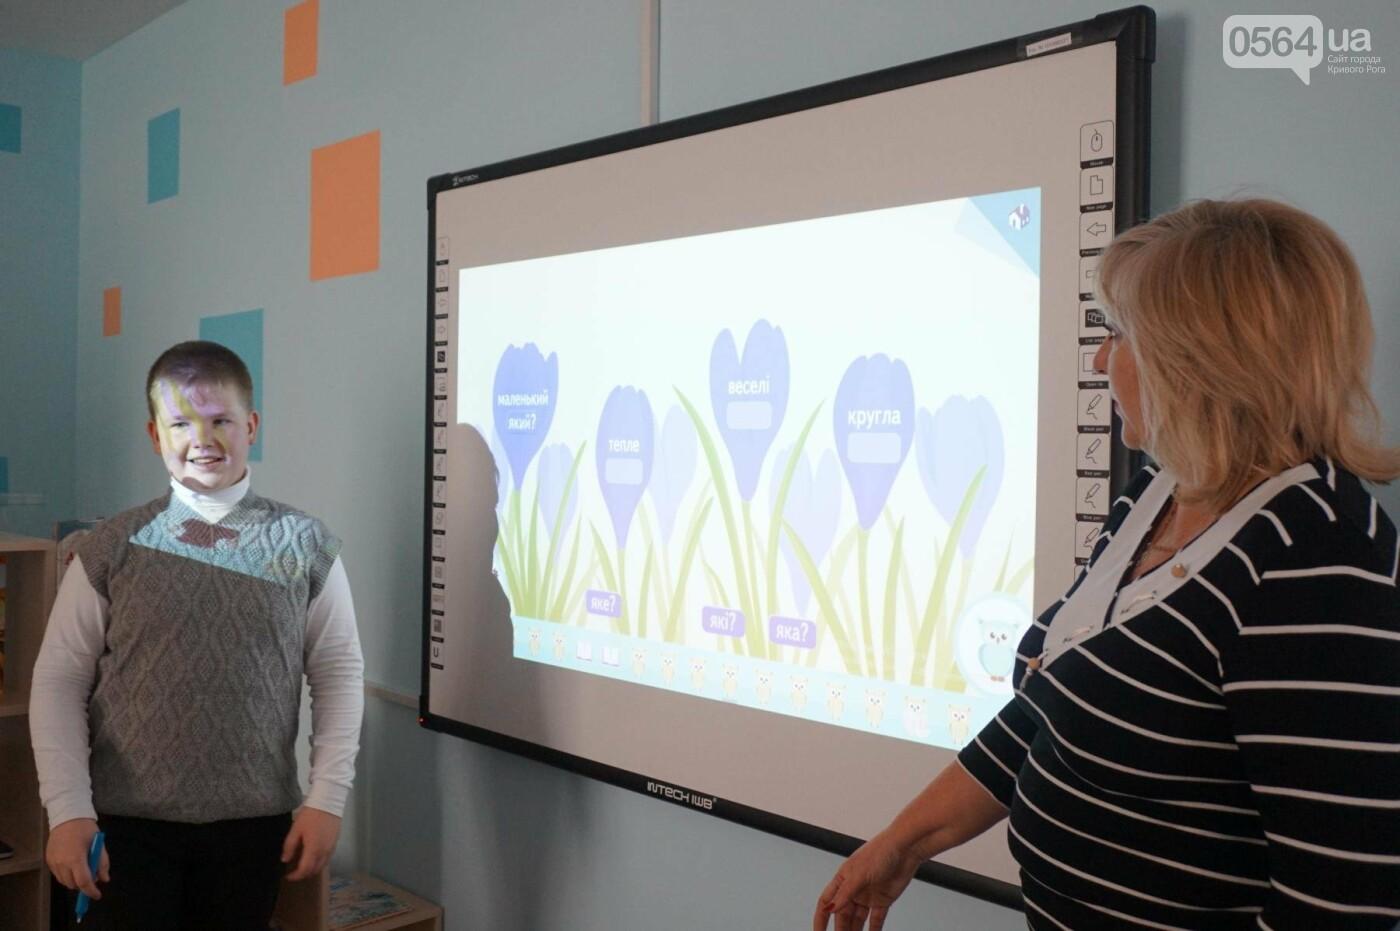 Приближаясь к Европе: Как в школах Кривого Рога внедряют инклюзию (ФОТО), фото-5